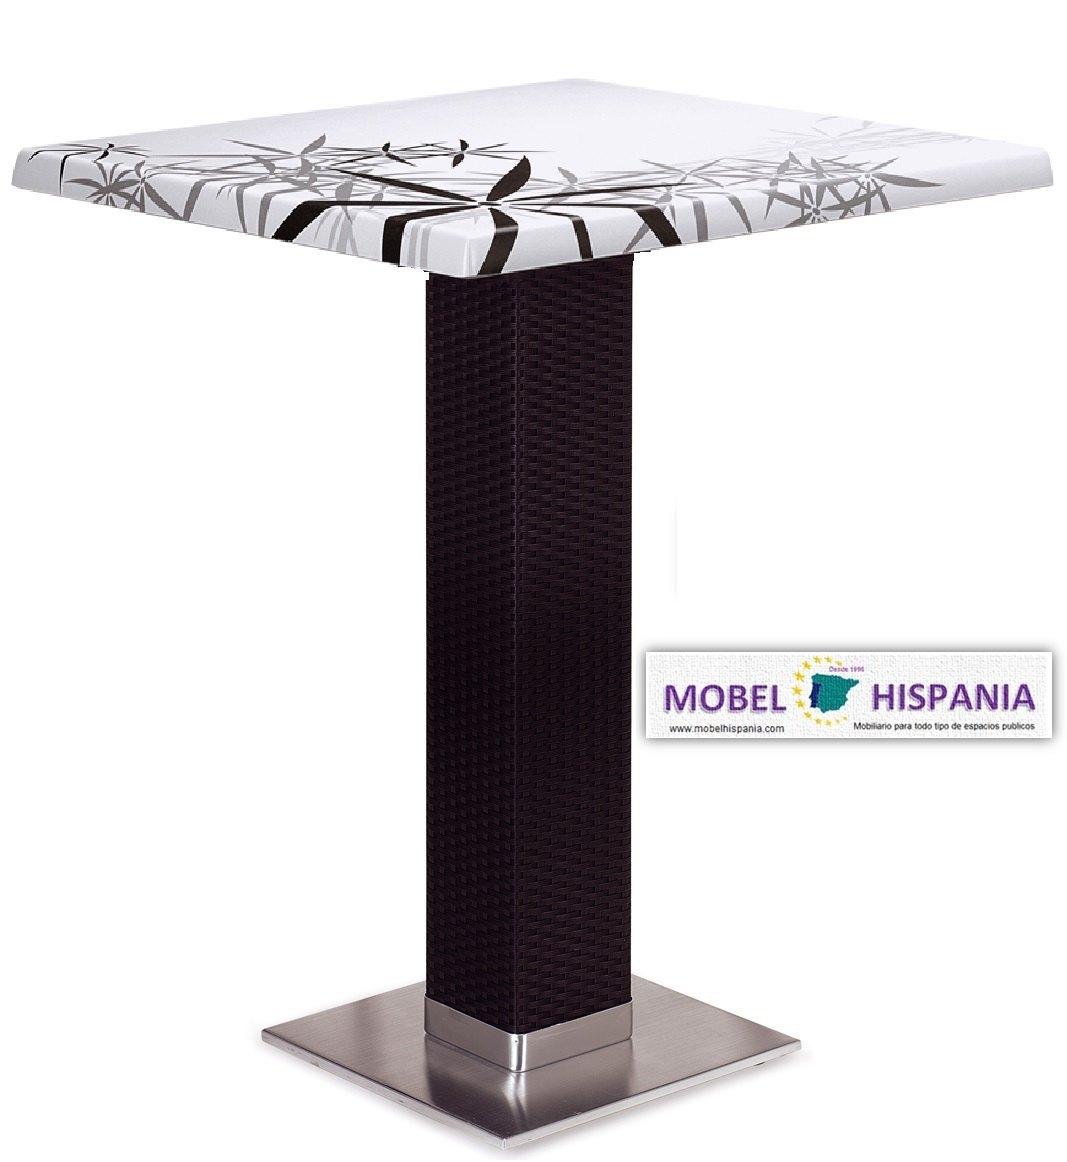 Mobel Hispania Mobiliario Para Oficinas Bares Restaurantes  # Muebles Hispania